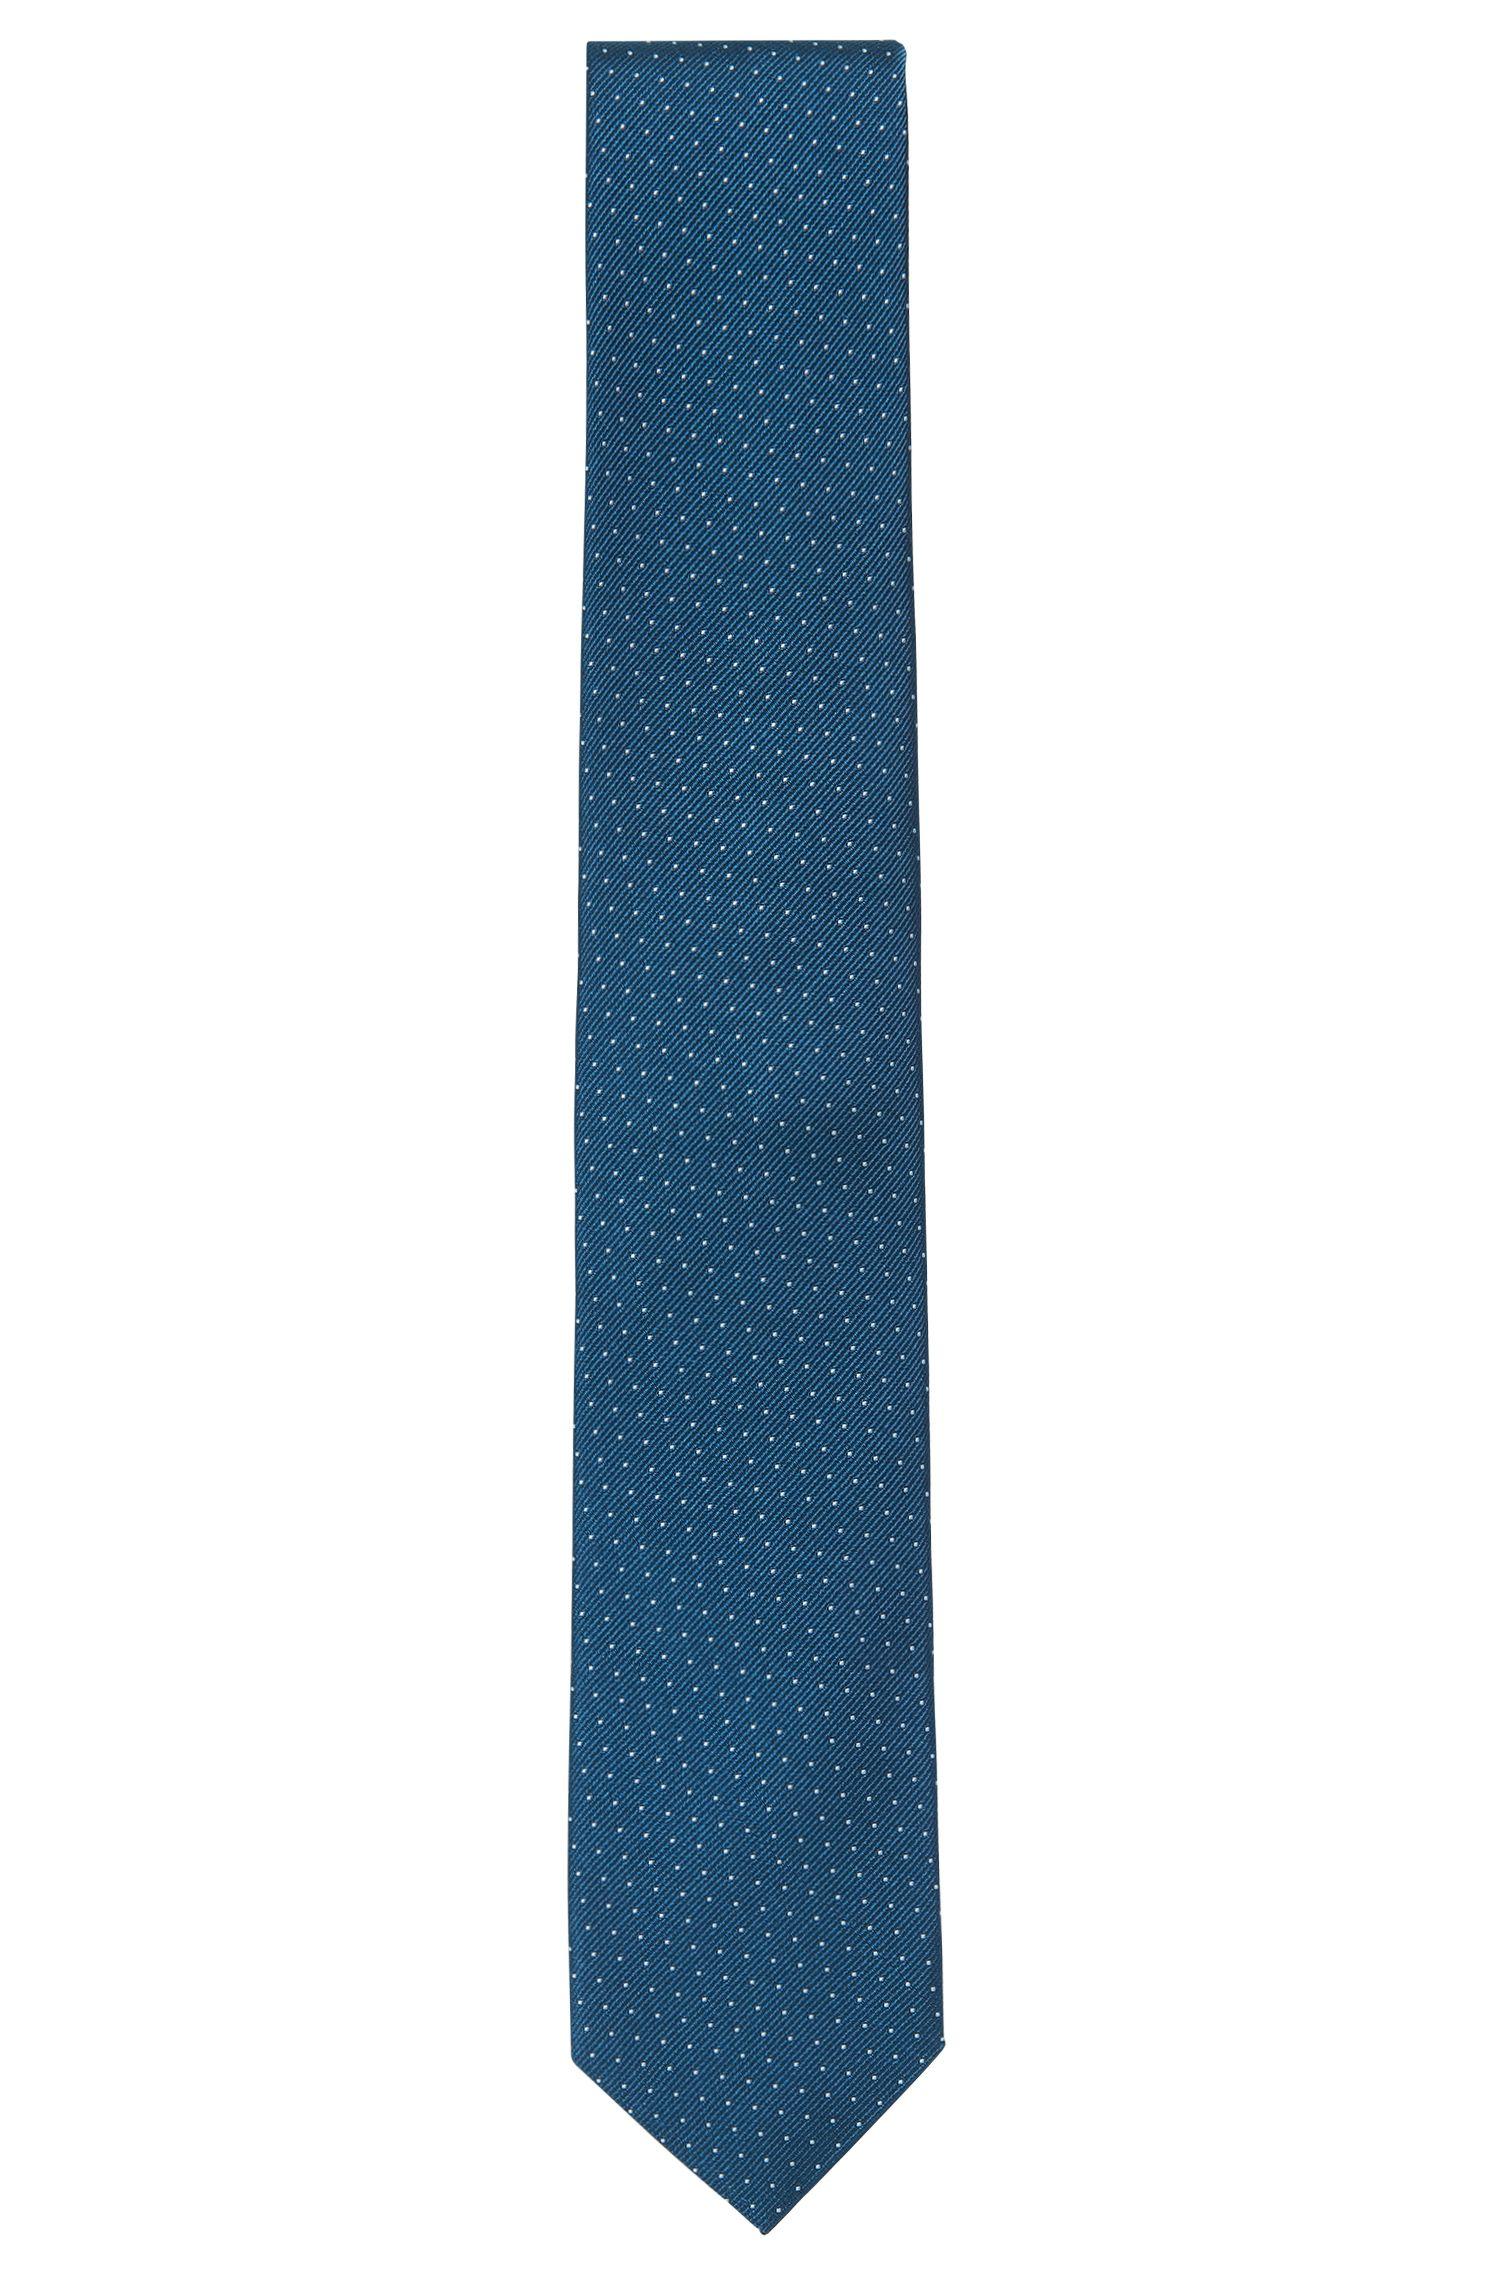 Cravate en soie somptueuse à micro-pois